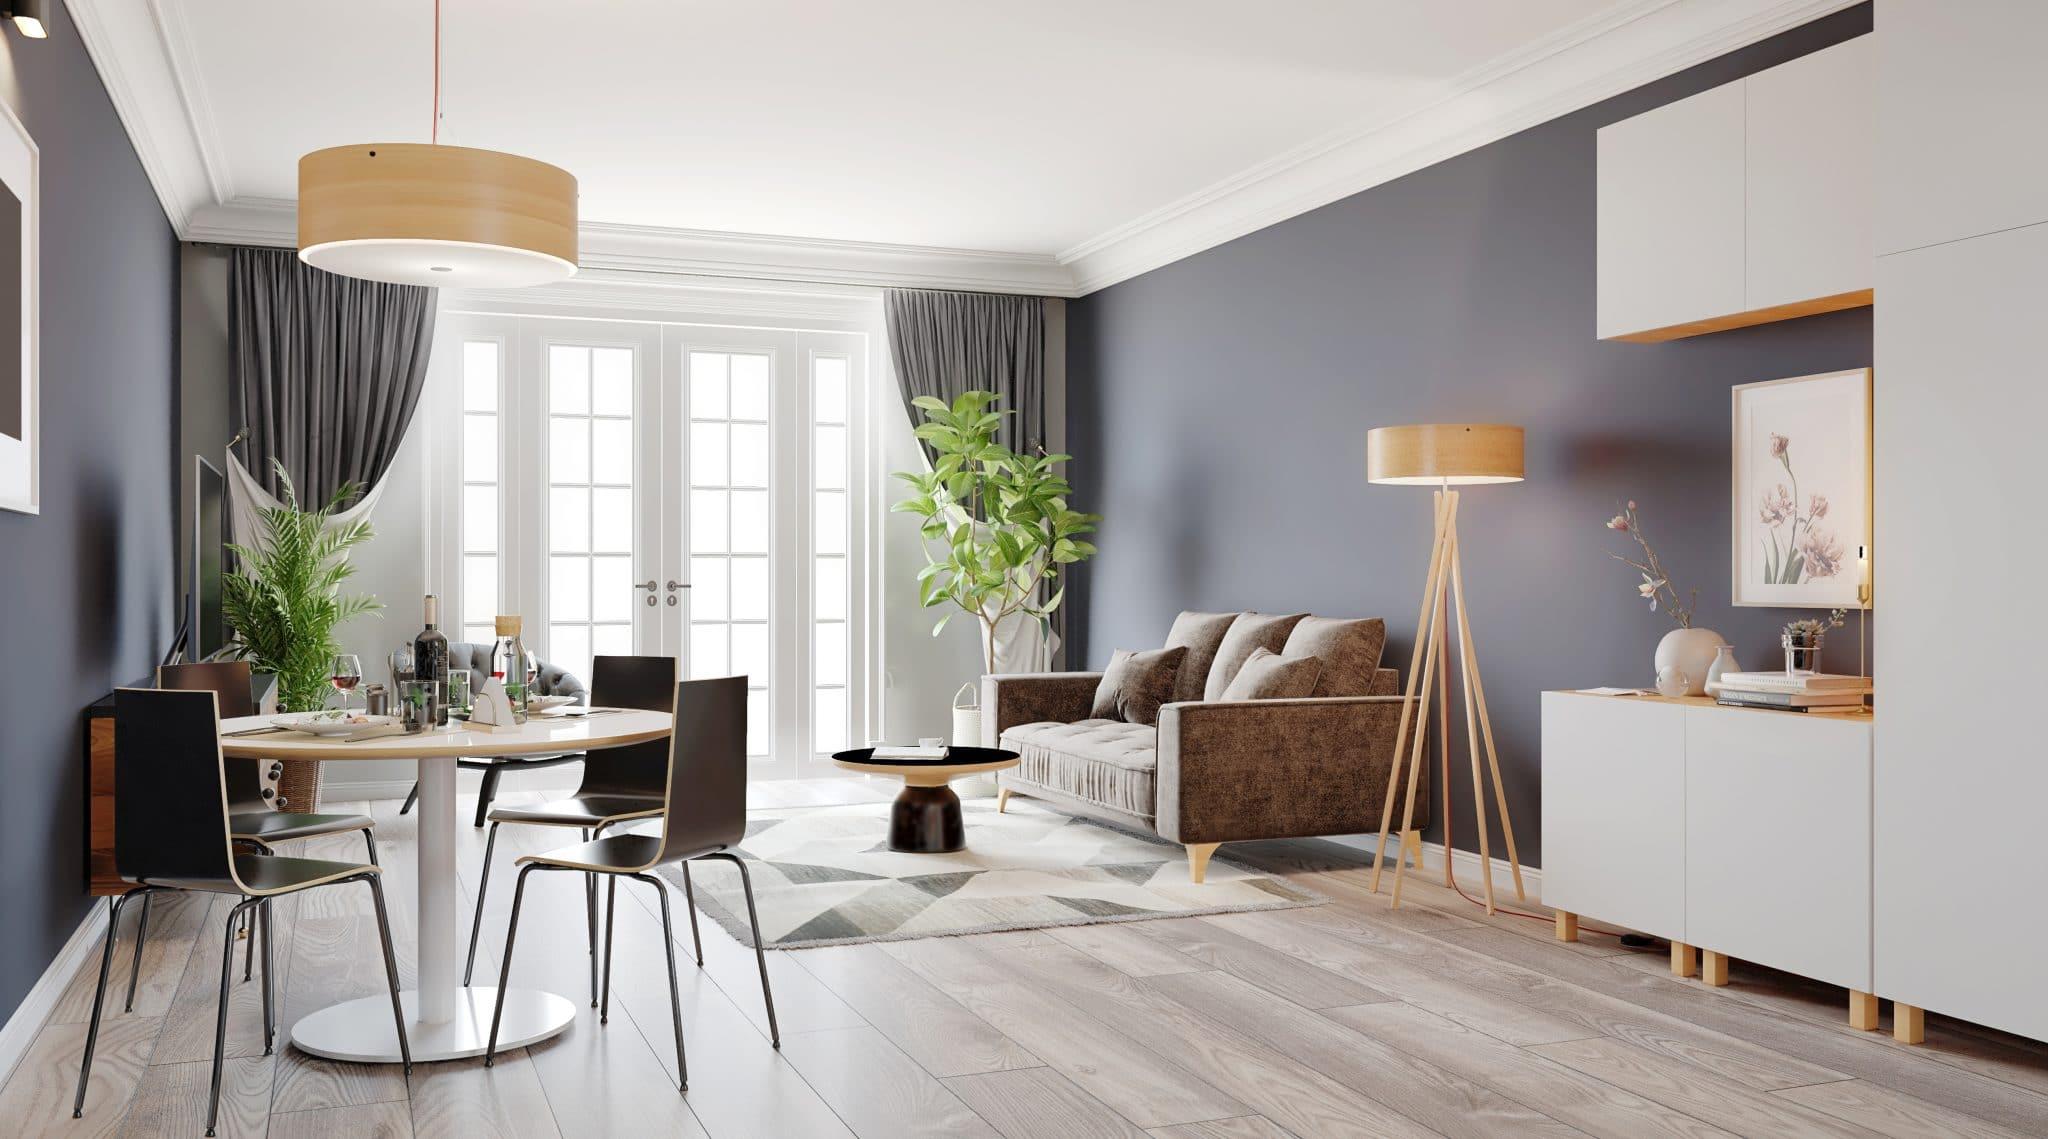 Rénovation d'appartement à Cosne-sur-Loire (58)